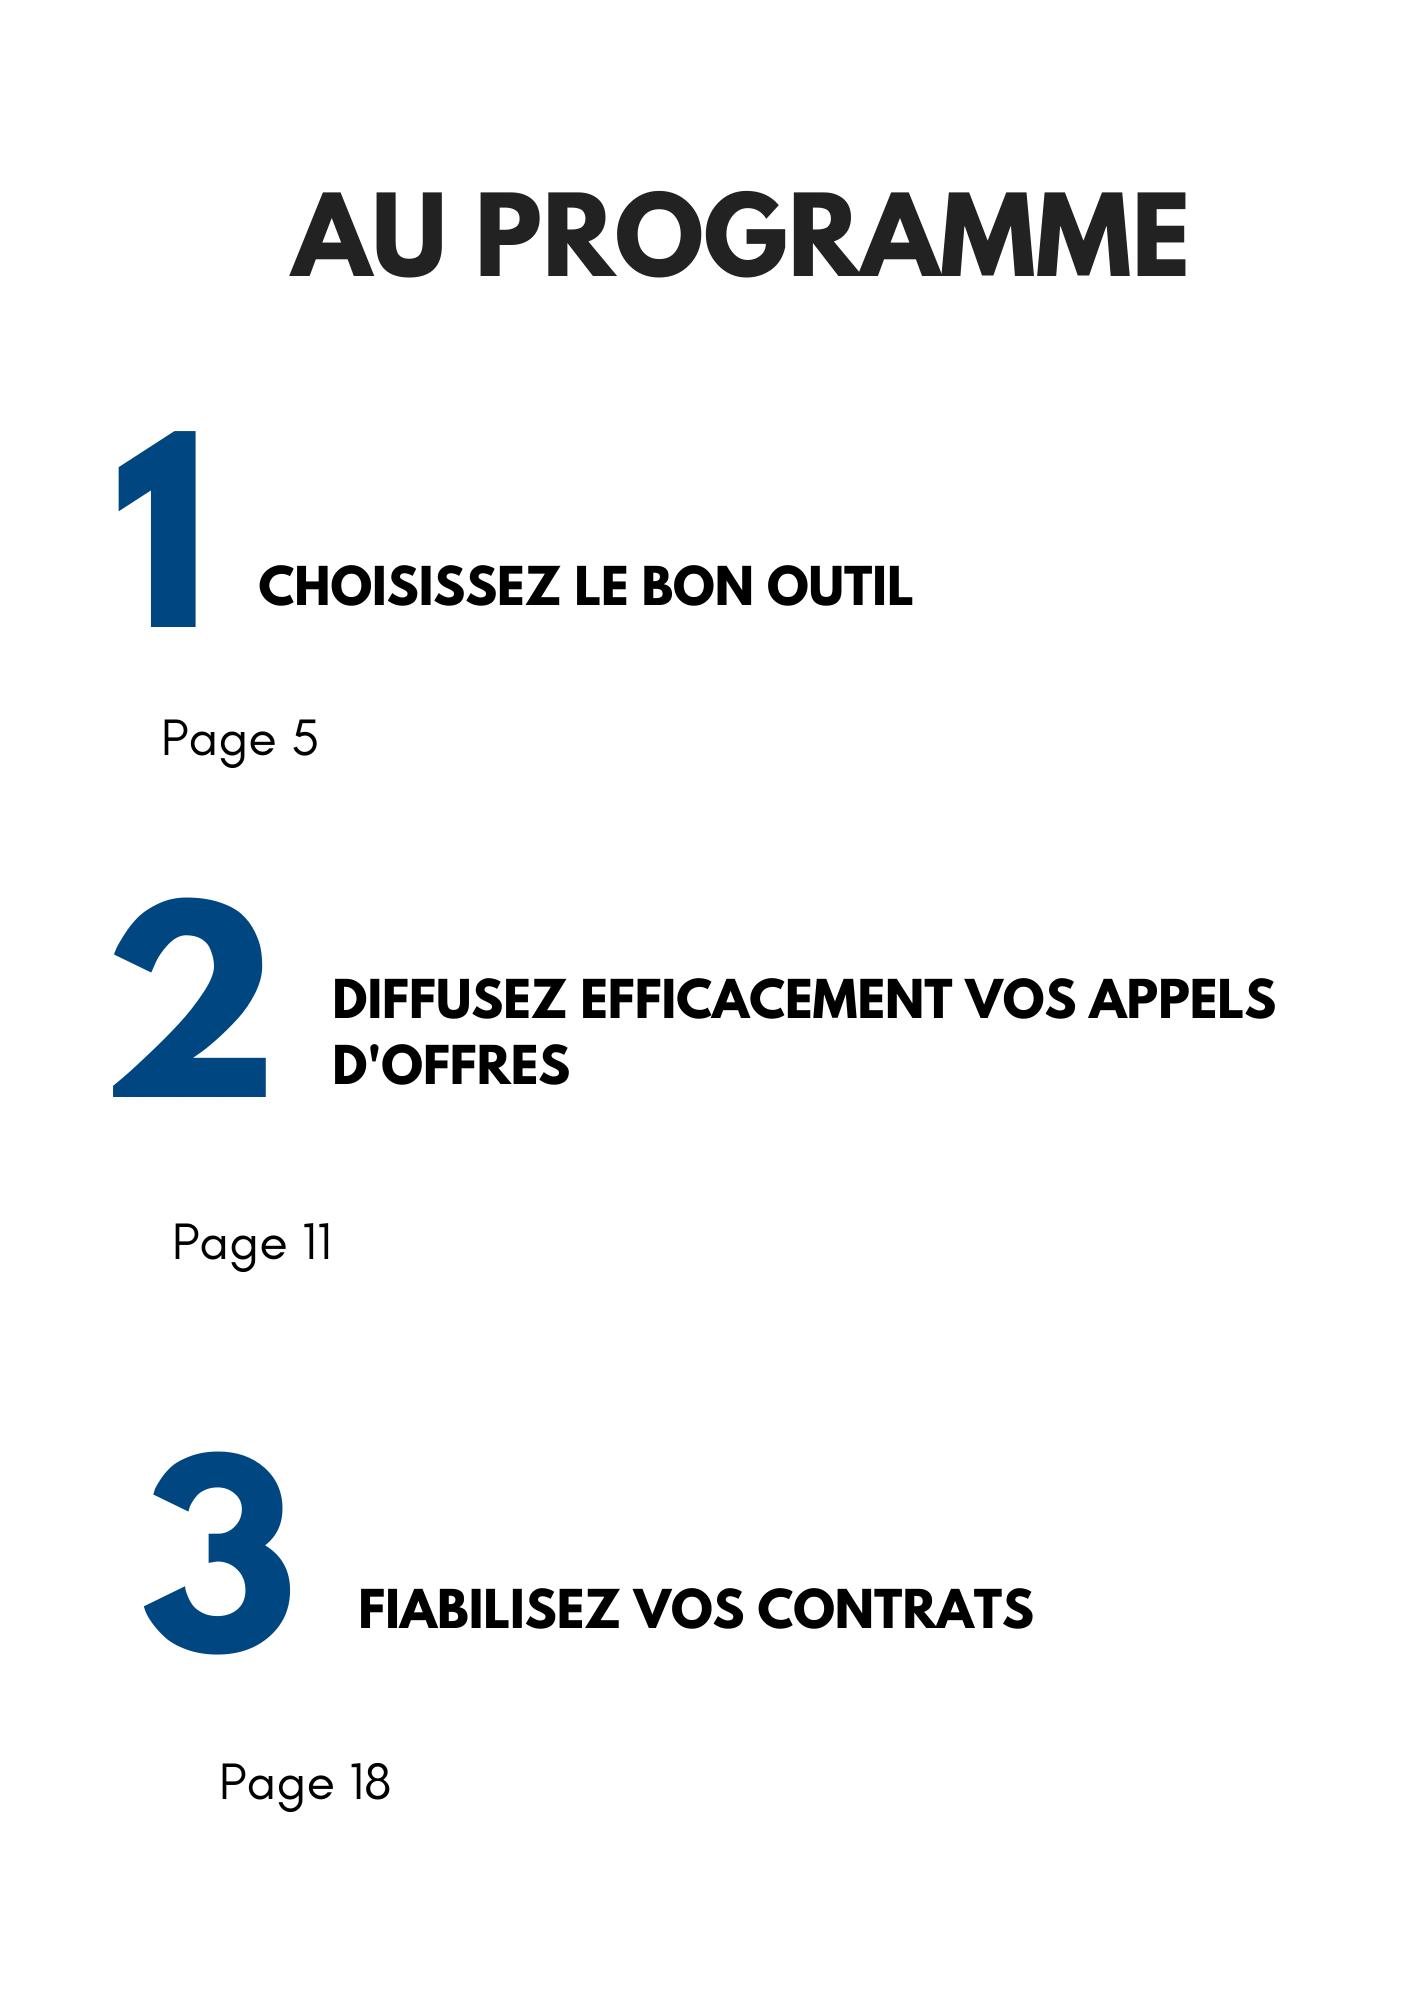 programme ebook